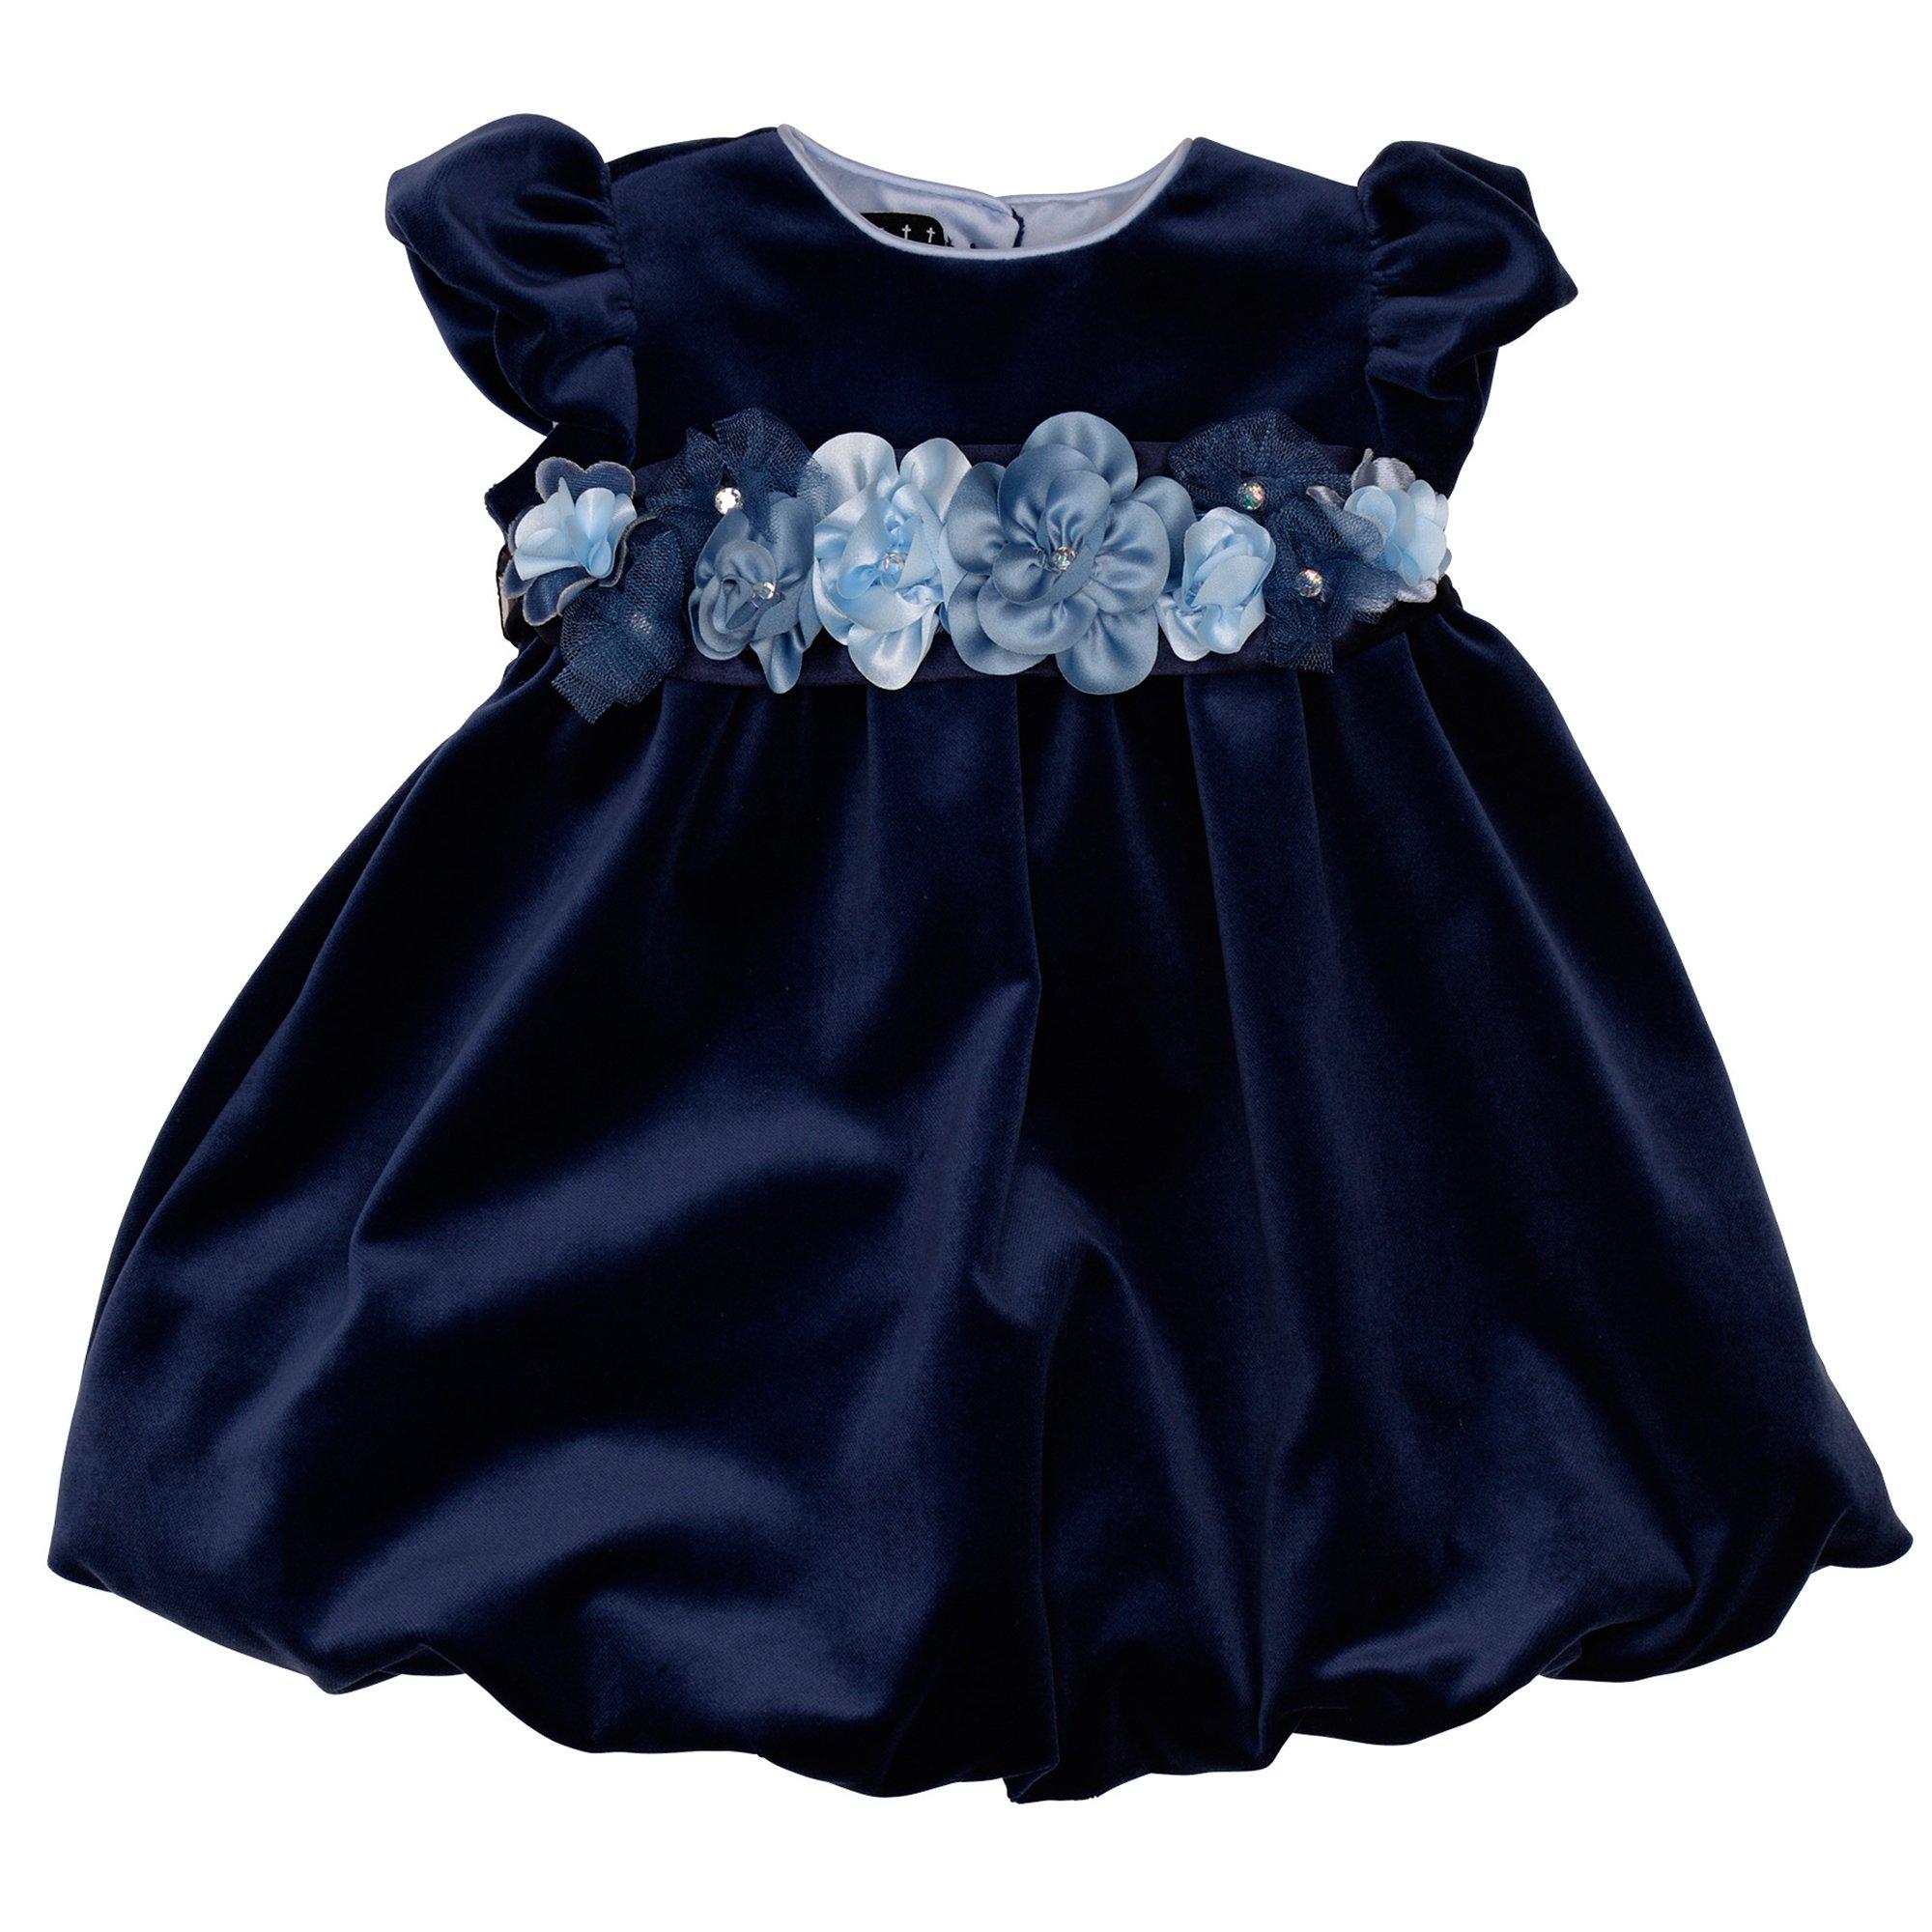 Biscotti Winter Blooms Baby Dress Navy Blue